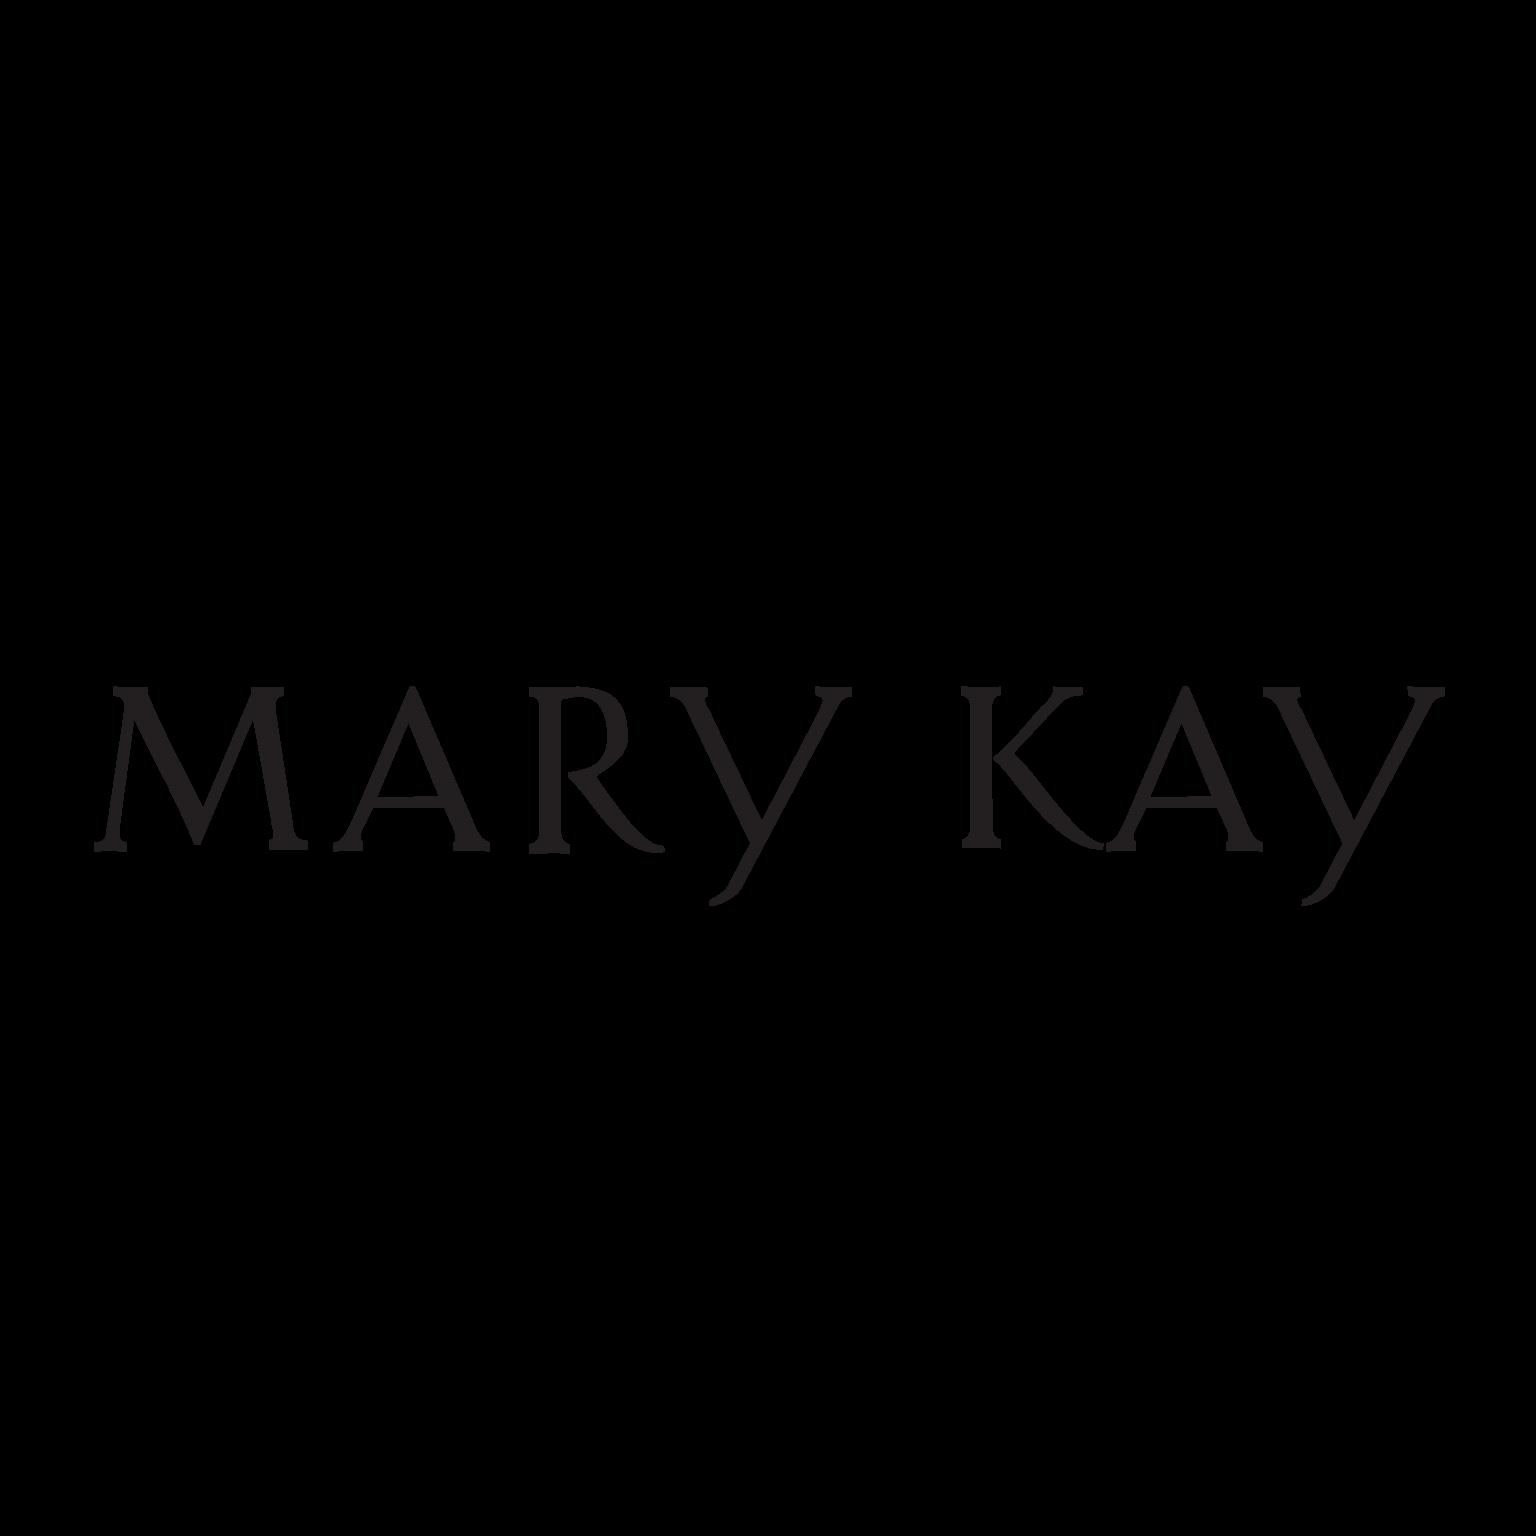 Logo Mary Kay - Logos PNG